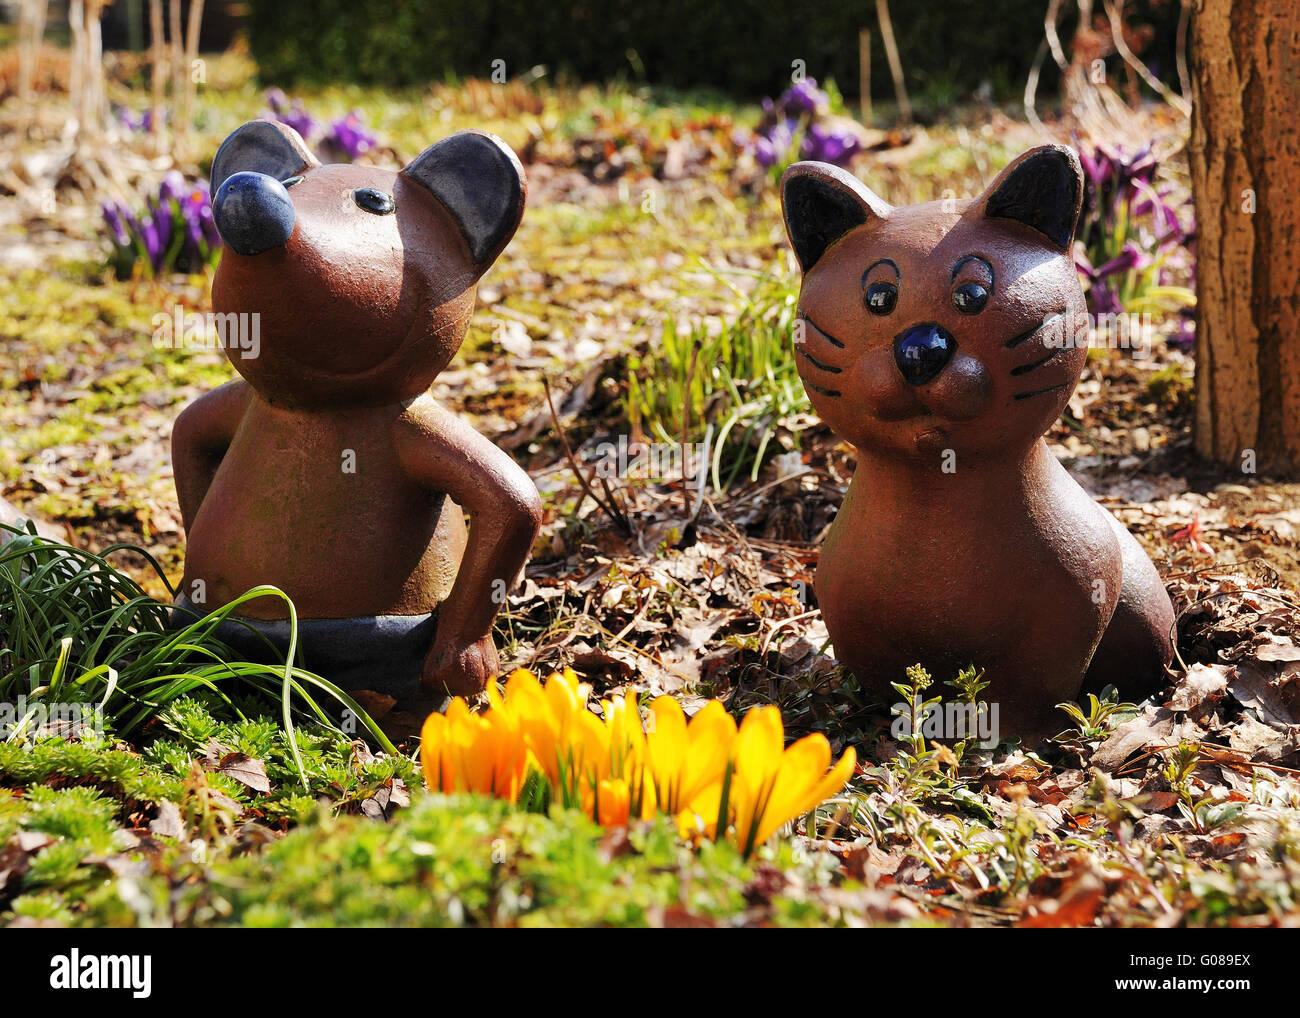 Figuren Aus Ton In Einem Garten Im Frühling Stockfoto Bild